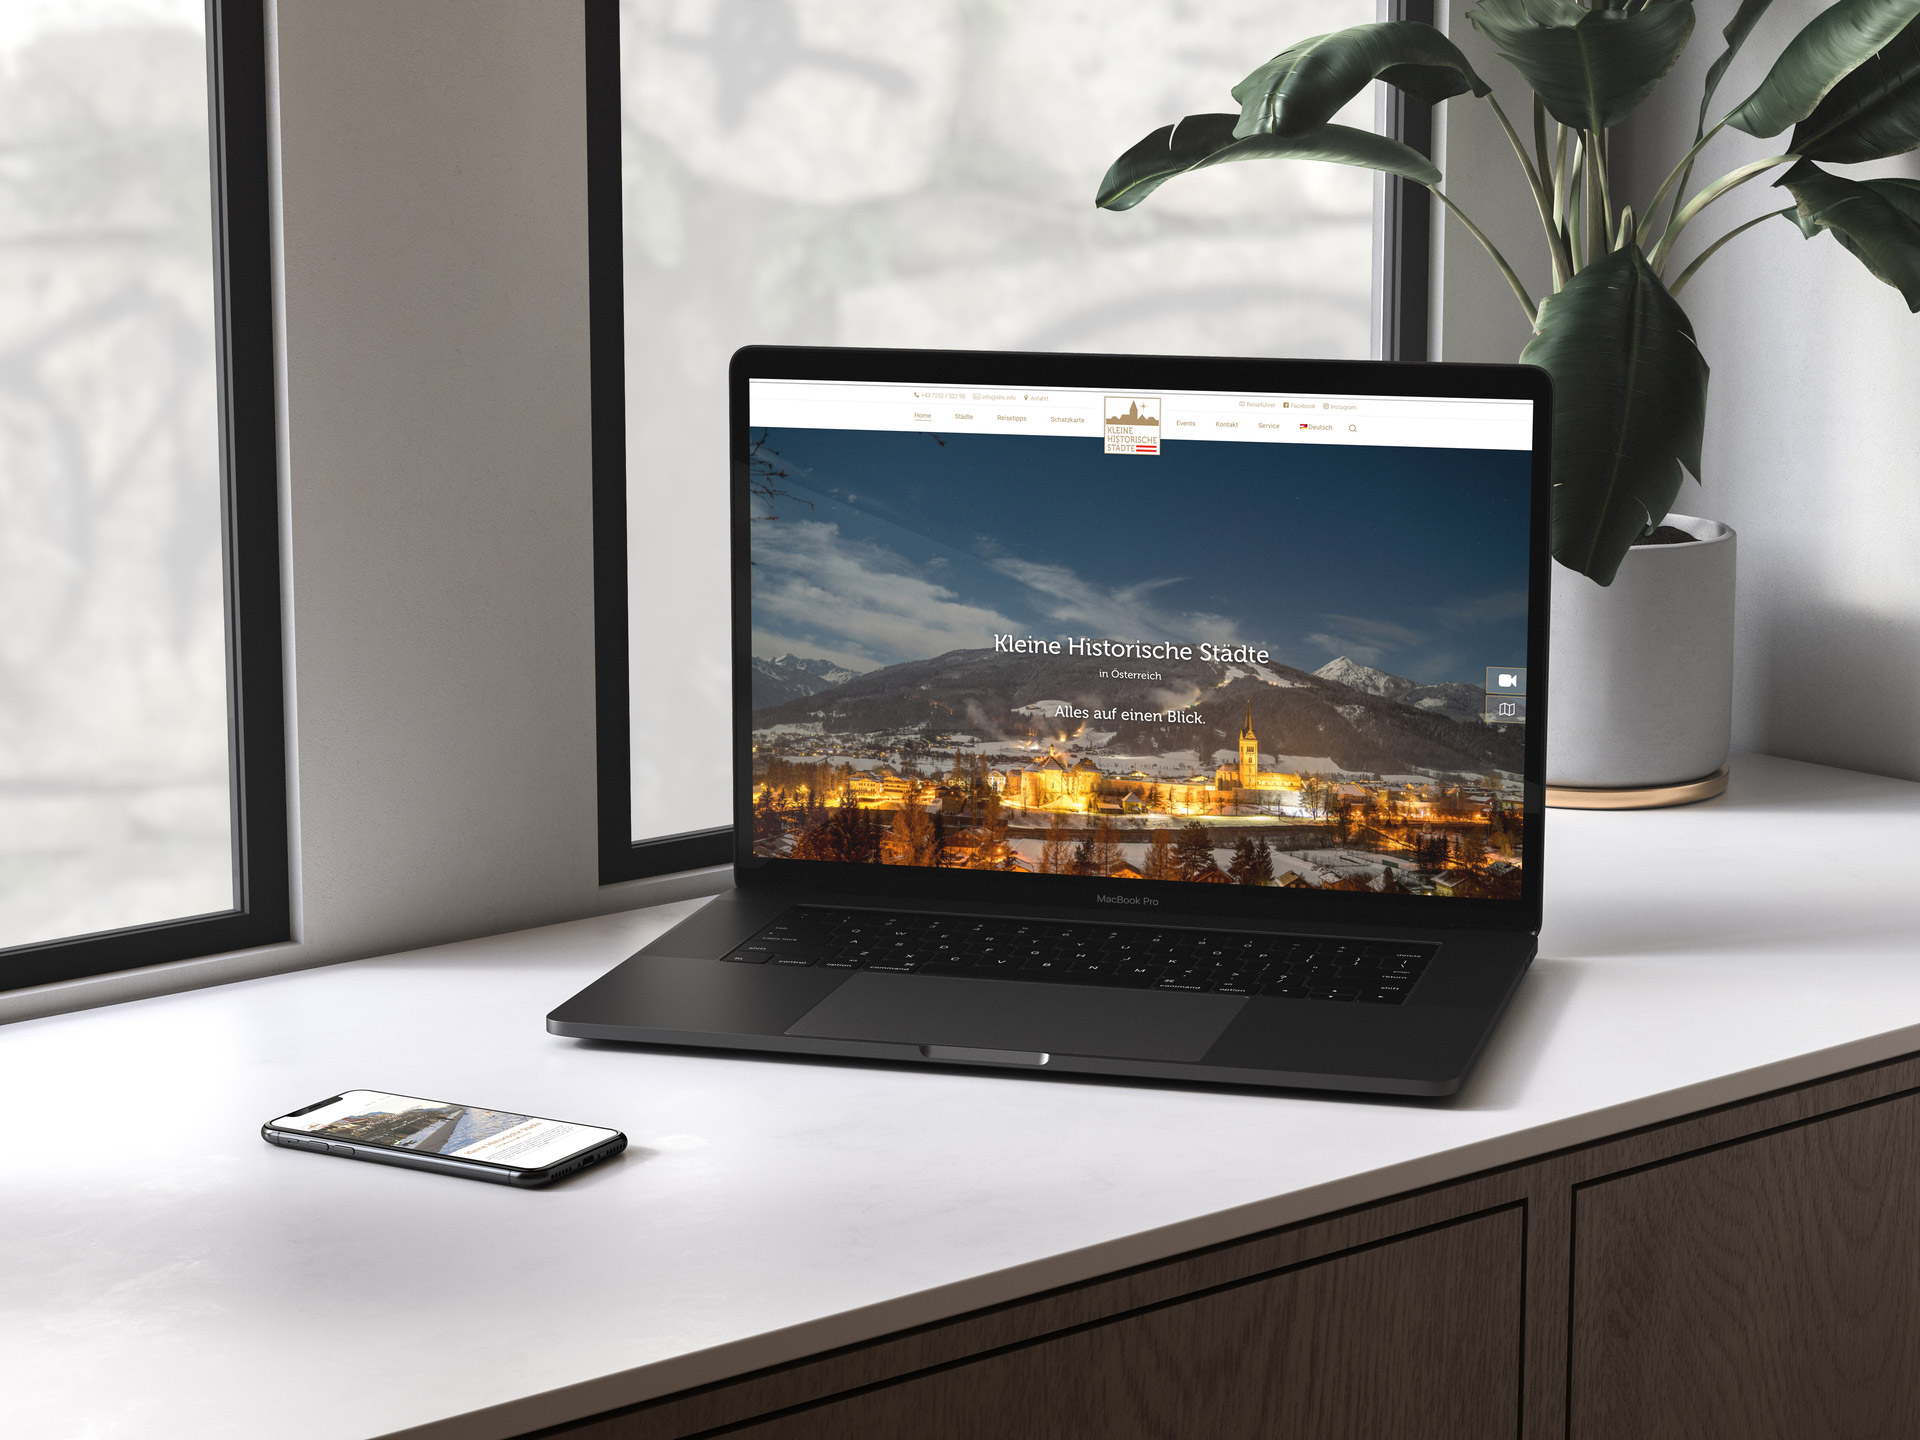 Kleine Historische Städte Website